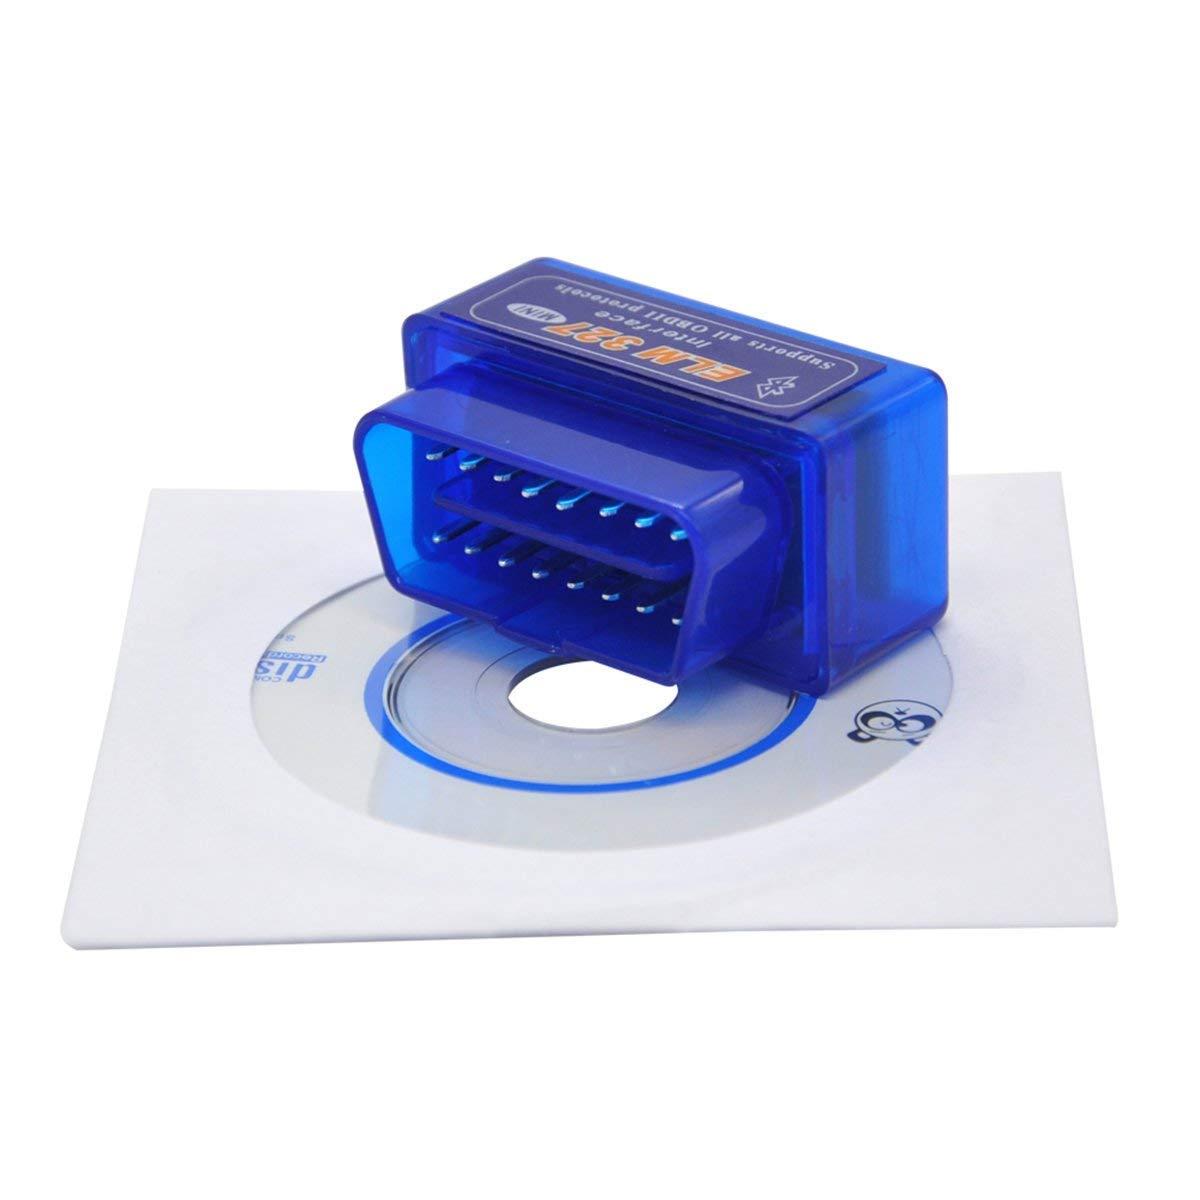 Super Mini BT ELM327 V2.1 Bluetooth OBD2 Scanner Car Scan Auto Diagnostic Tool